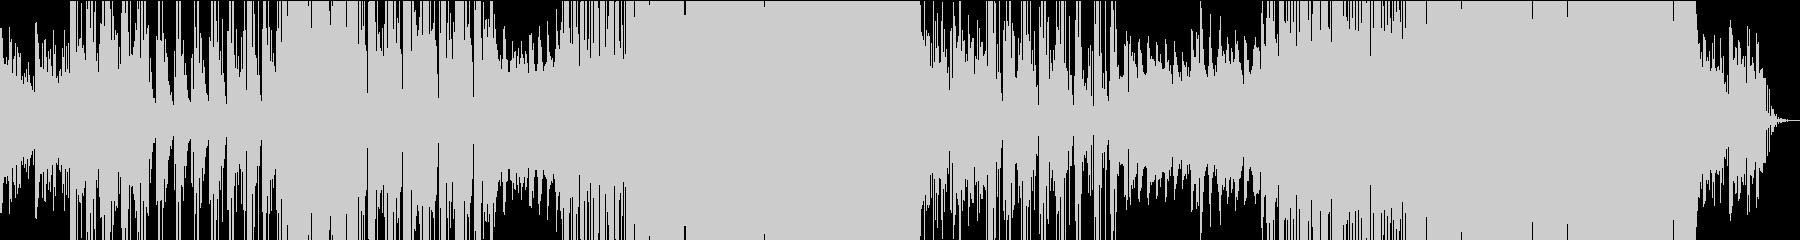 落ち着いたEDMの未再生の波形